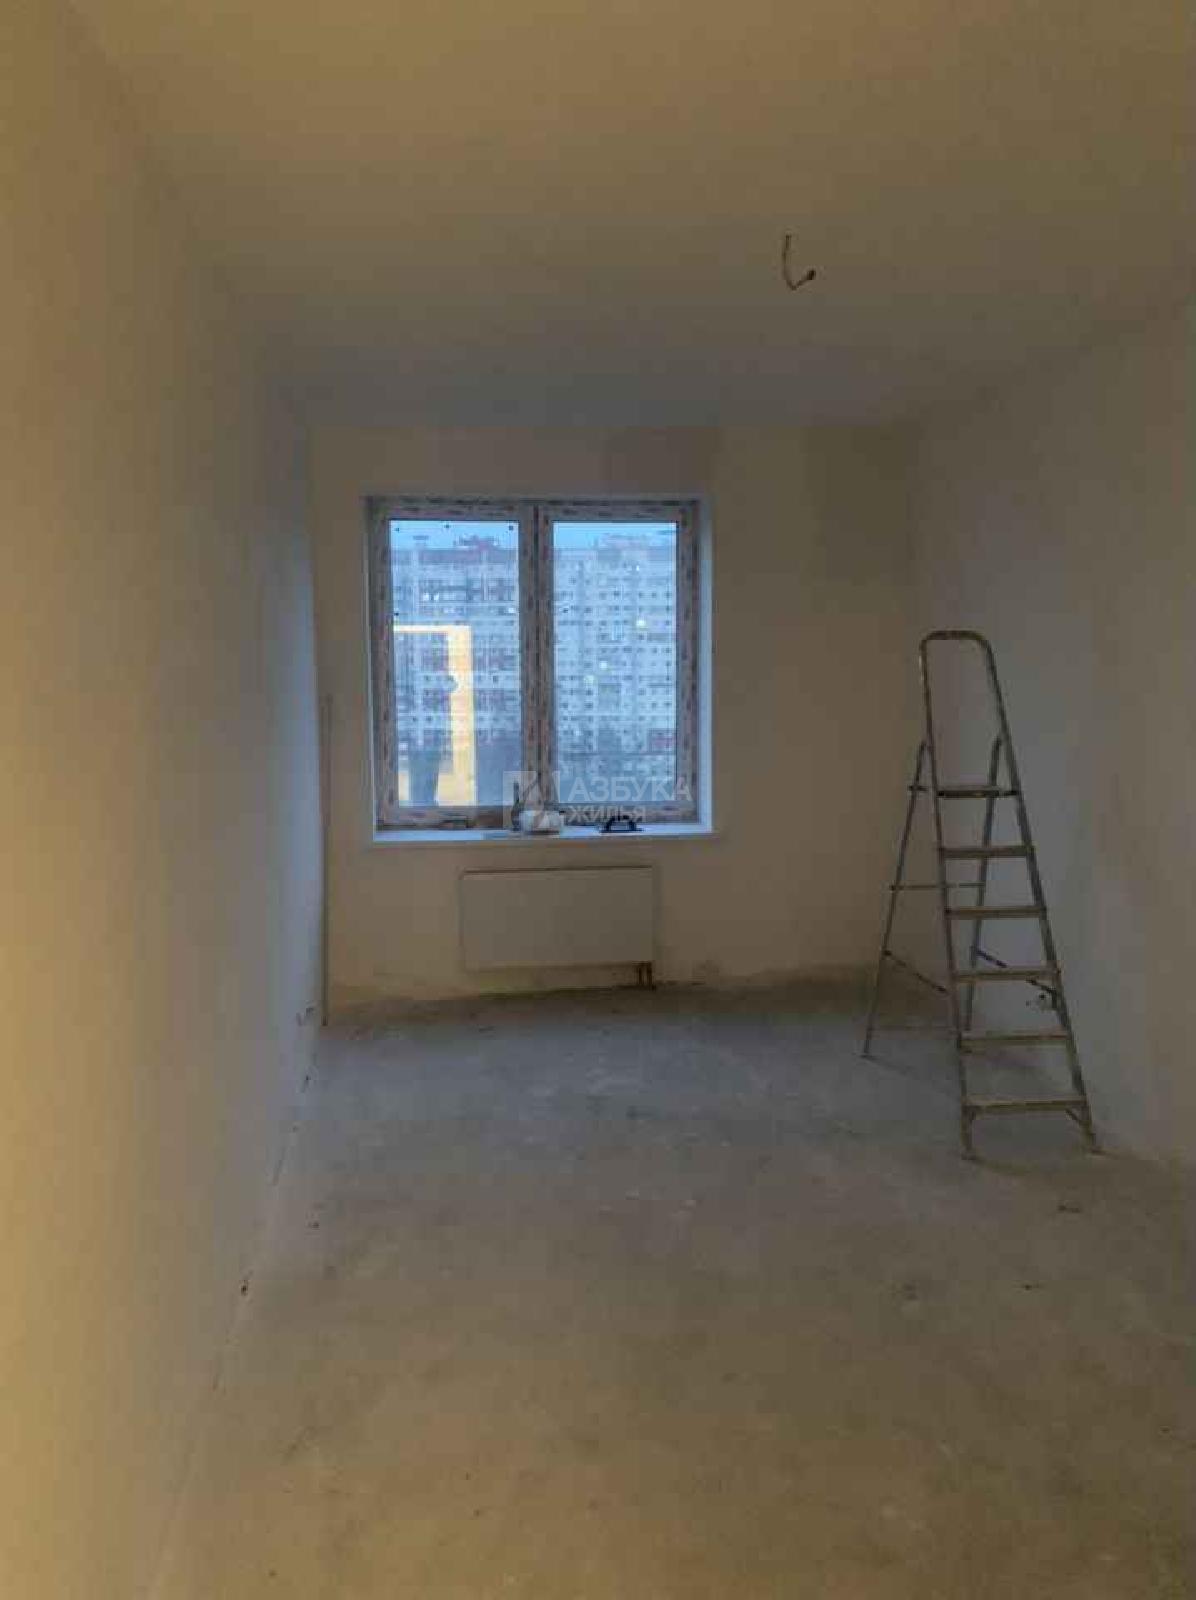 Фото №7 - 2-комнатная квартира, Красногорск, Центральный проезд 21, метро Митино